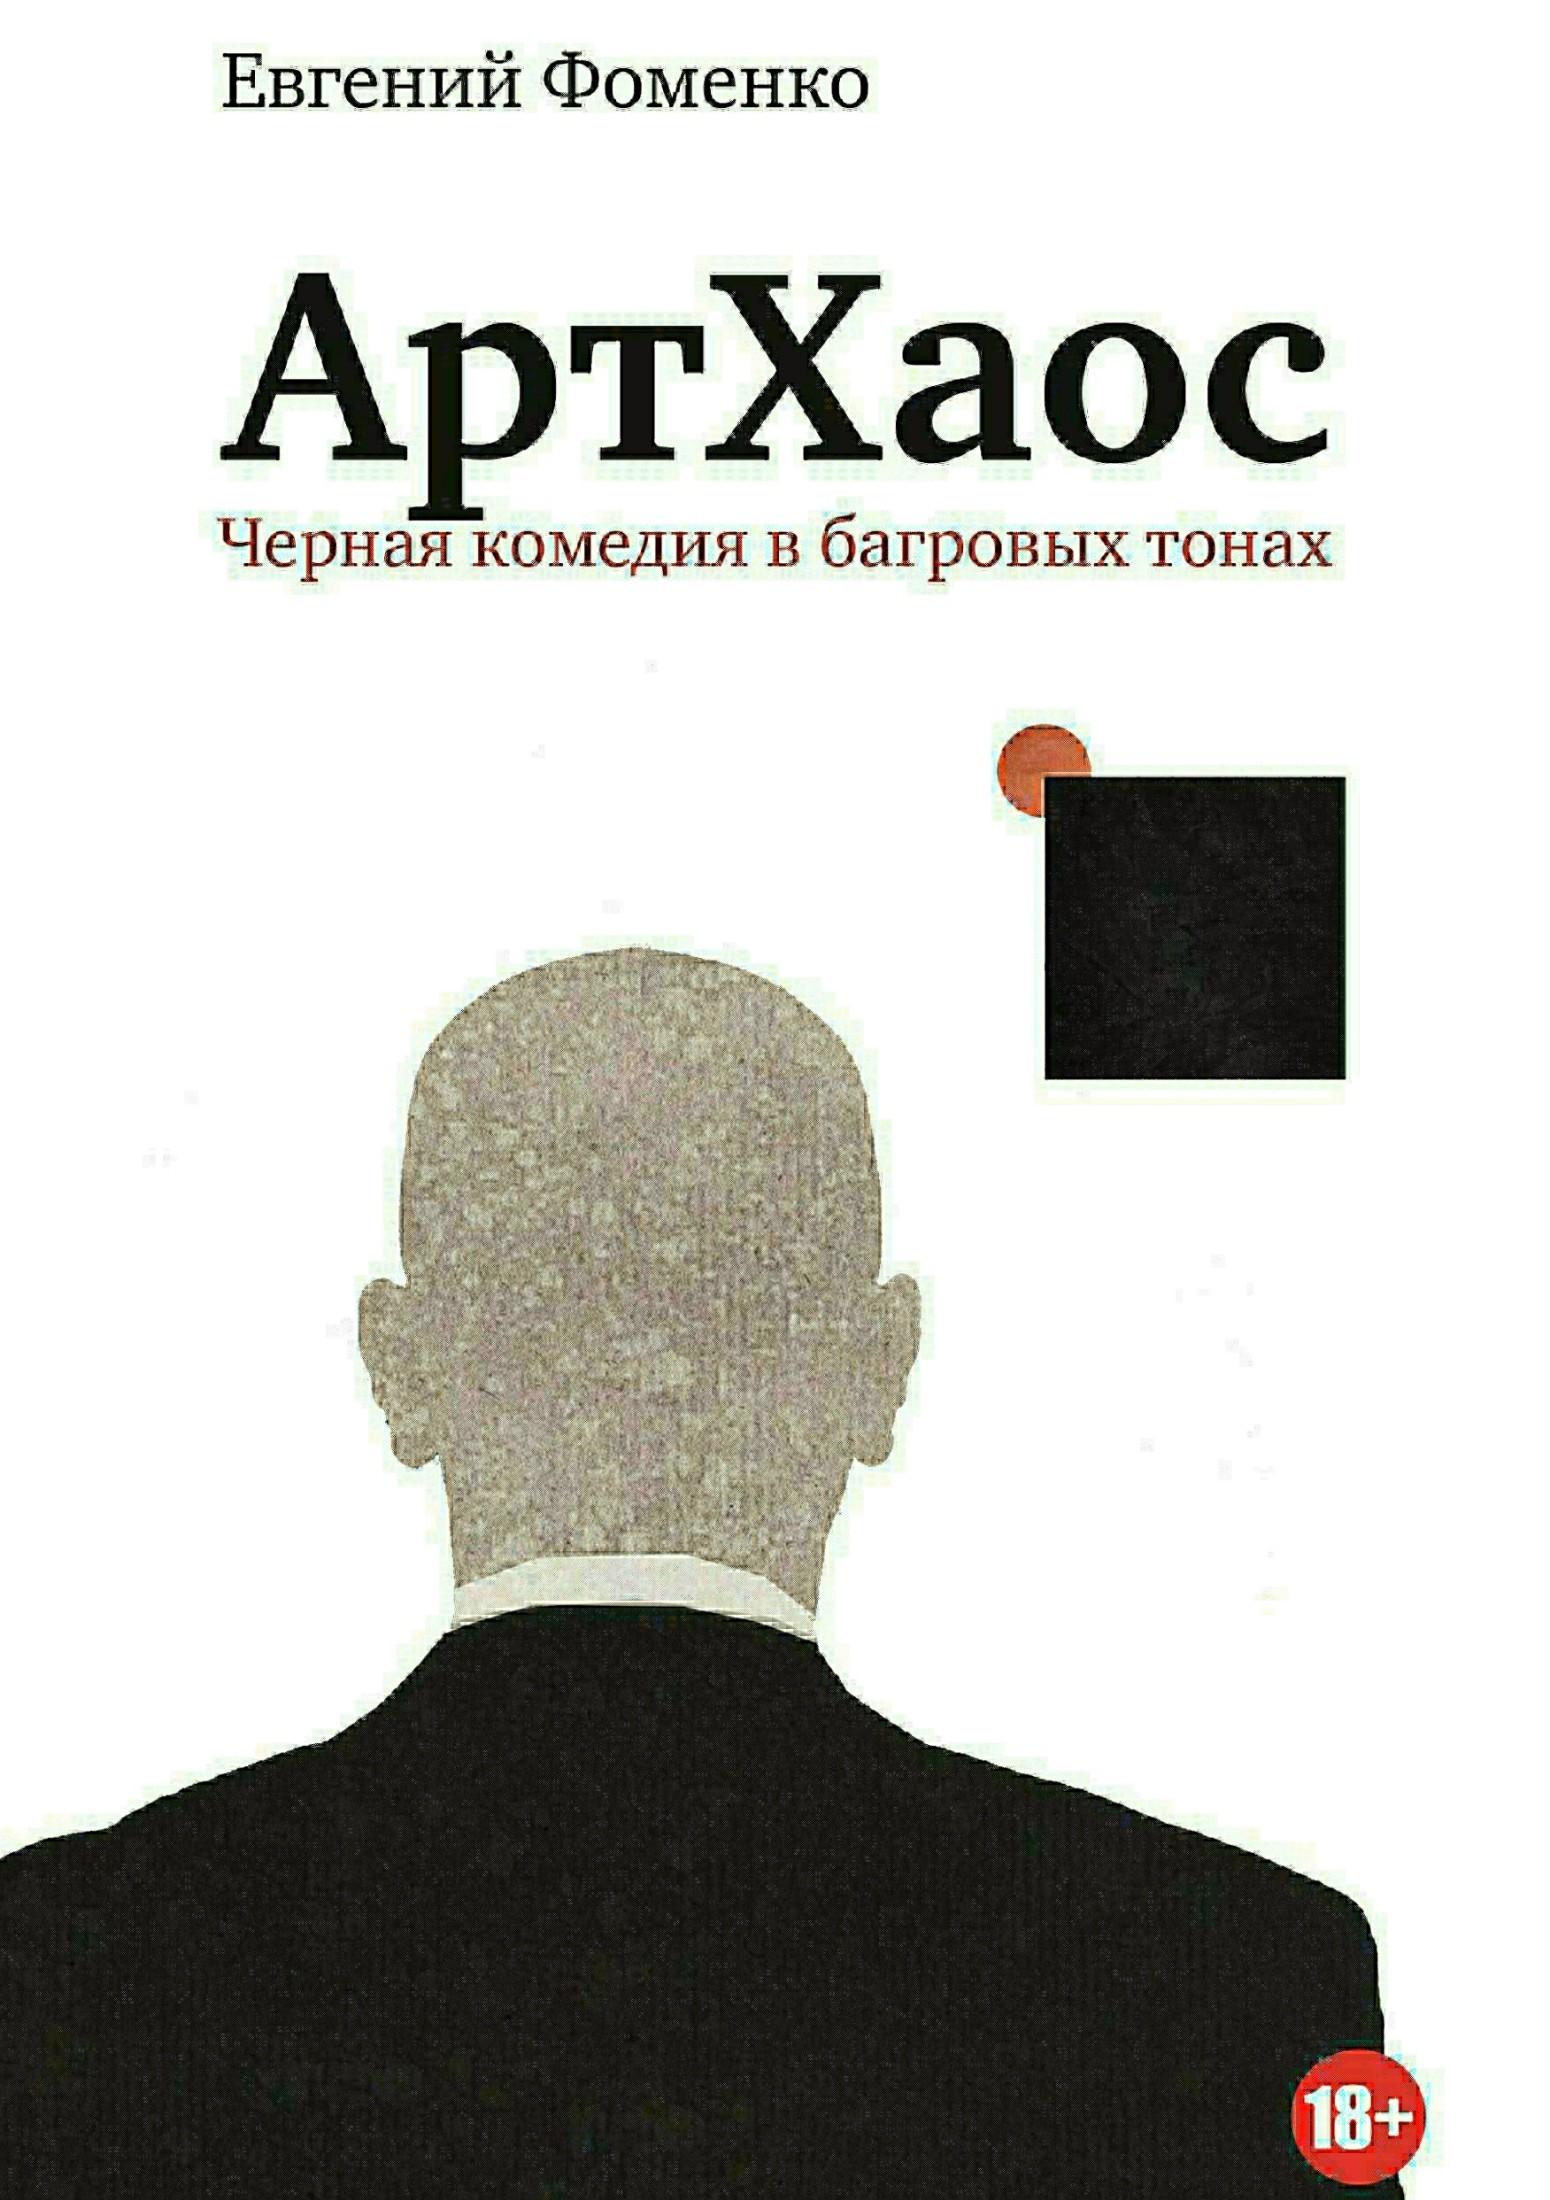 Евгений Фоменко - АртХаос. Повесть и рассказы